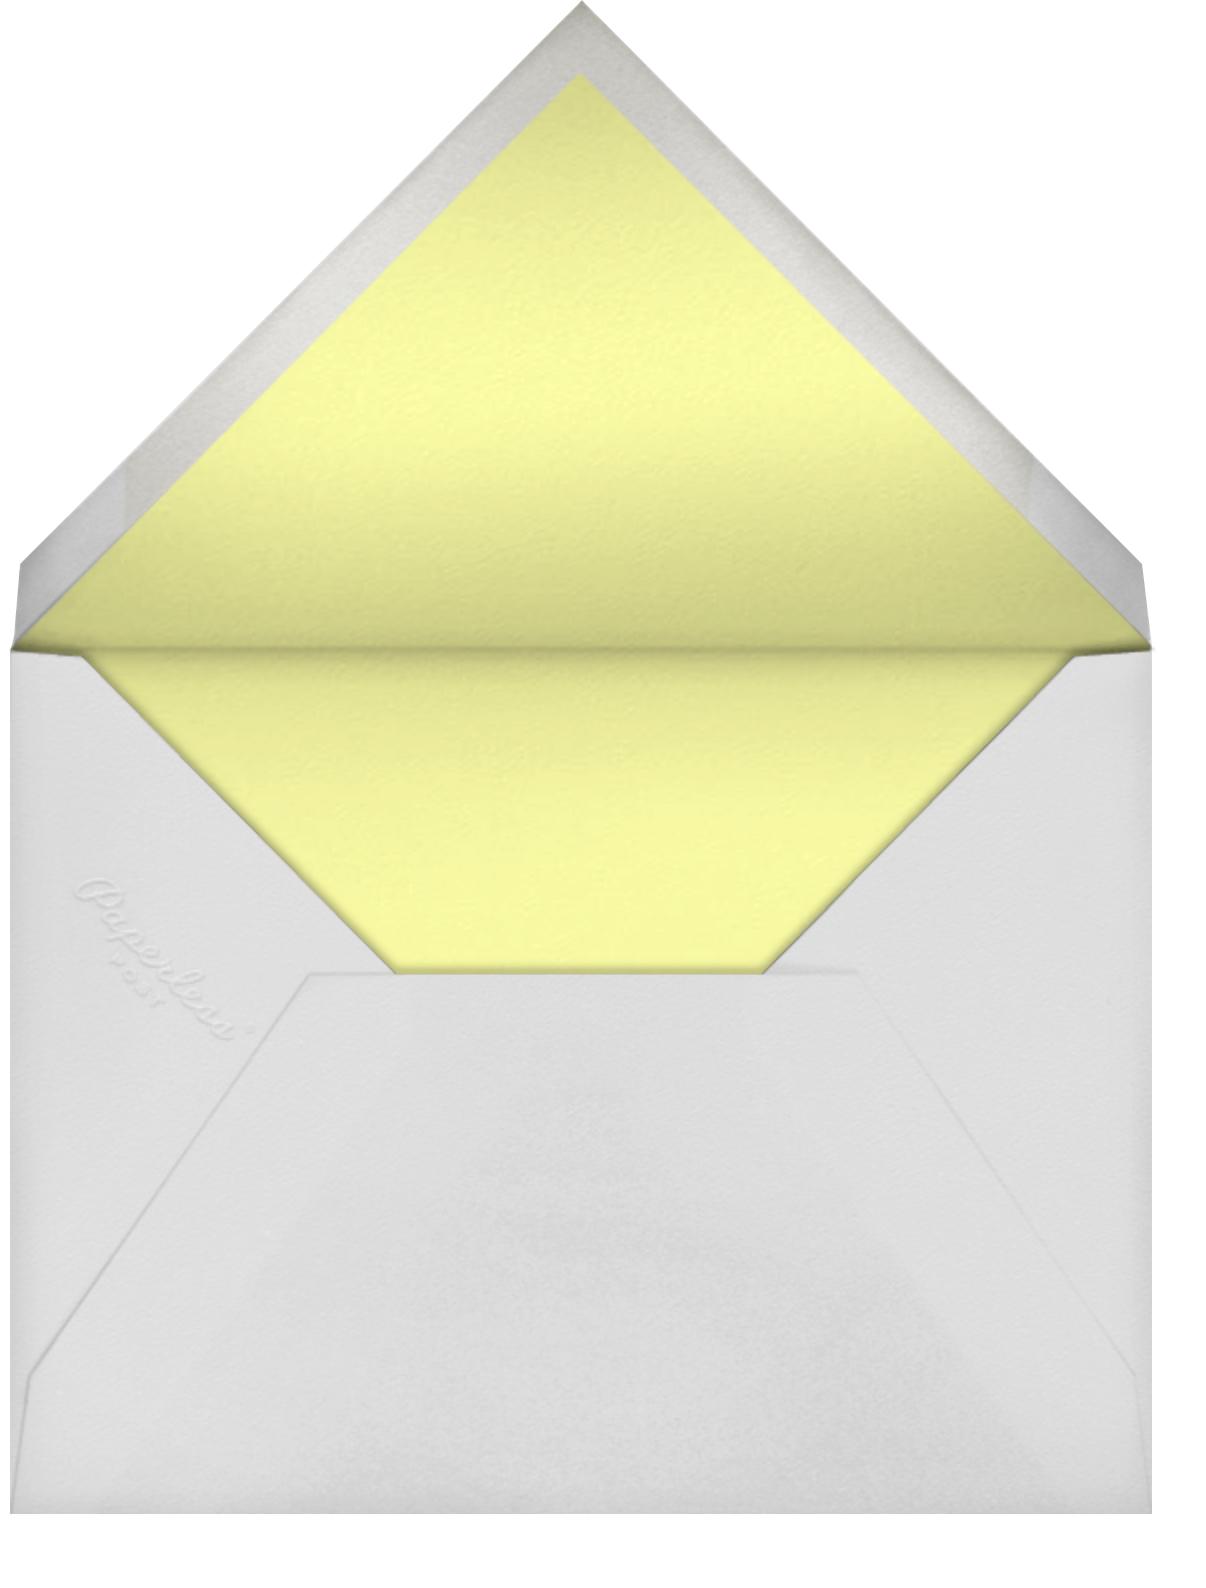 Full-Page Photo (Double-Sided) - Green Velvet - Paperless Post - null - envelope back